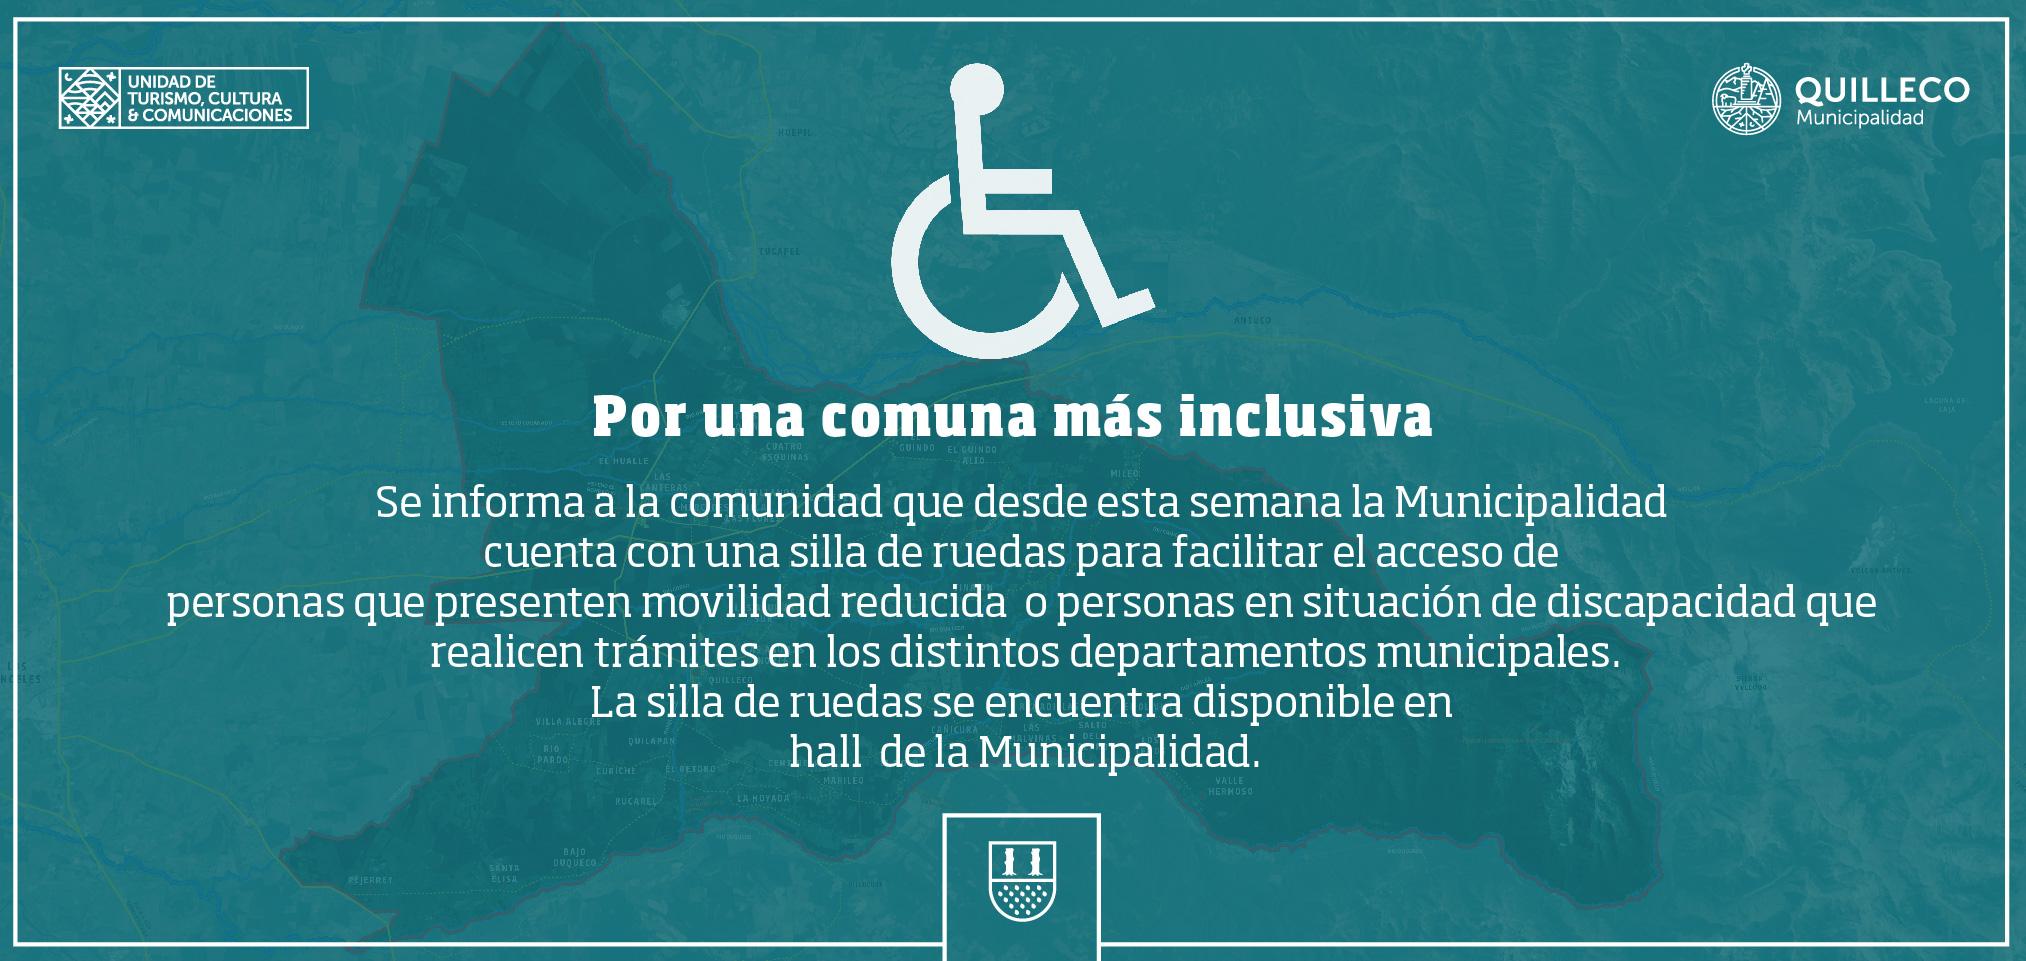 Personas con movilidad reducida o situación de discapacidad, contarán con silla de ruedas para sus trámites en oficinas de la Municipalidad de Quilleco